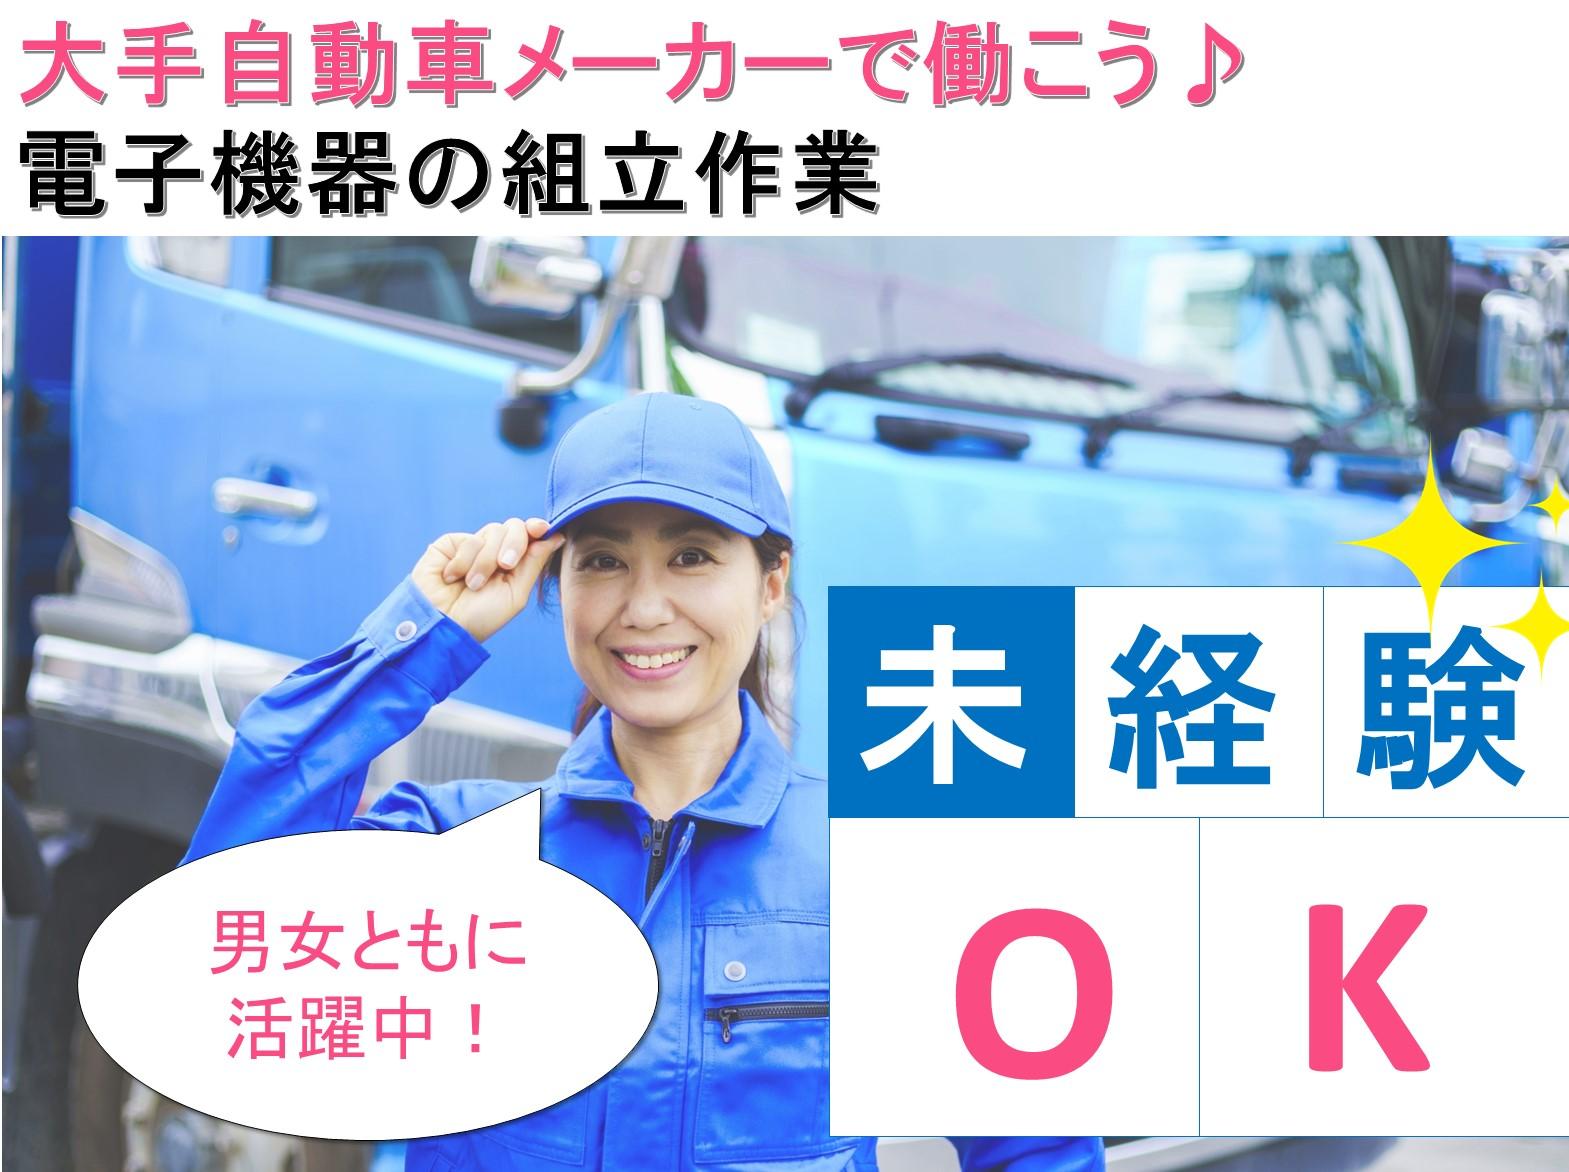 【土日休み】勤務先は大手自動車メーカー♬電子機器の組立作業のお仕事【愛知県安城市】 イメージ